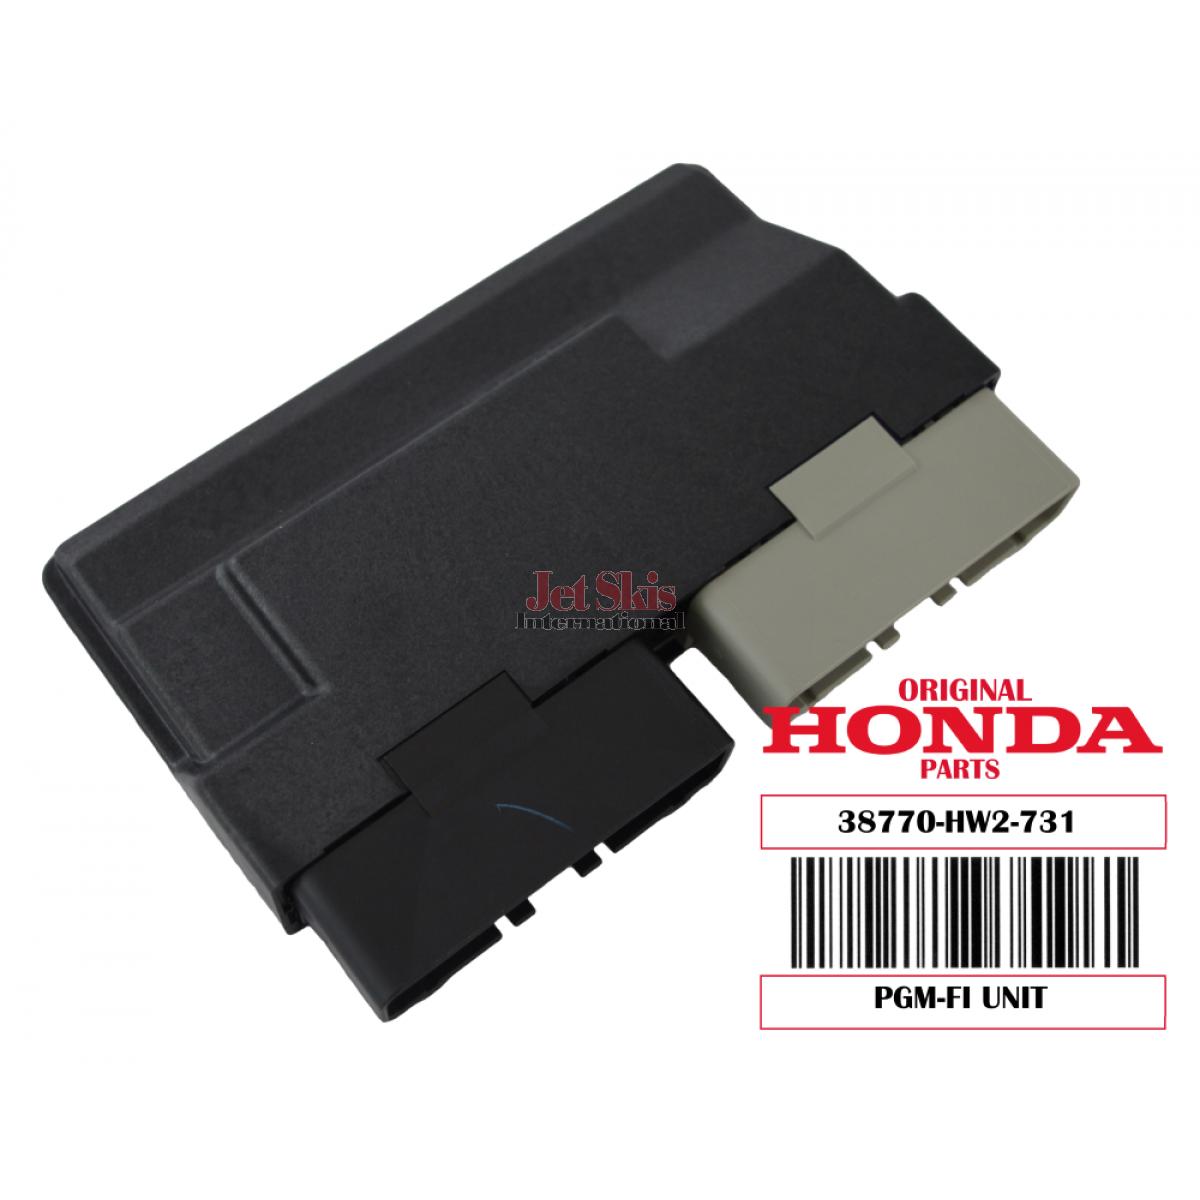 HONDA AQUATRAX 38770-HW2-731 PGM-FI UNIT / ECU 05-07 N3 F12